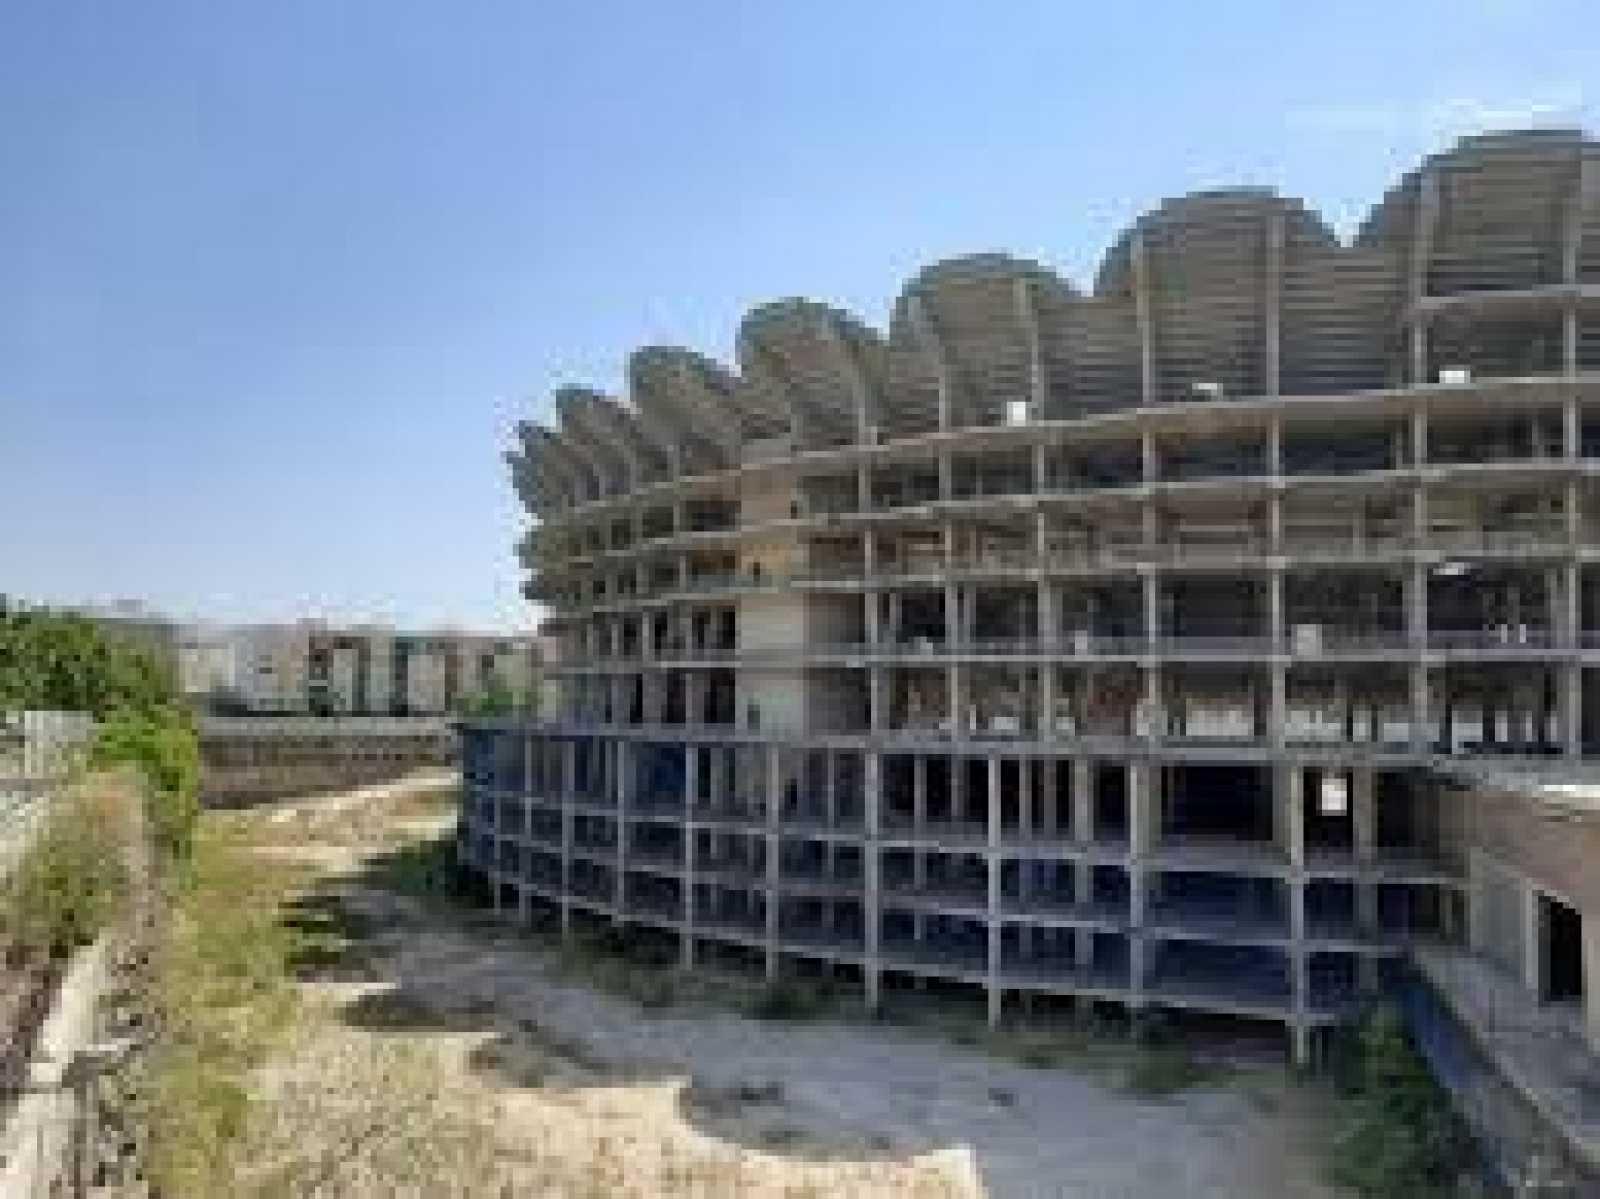 Qué es y qué supondría el incumplimiento ATE Mestalla - 02/03/21 - Escuchar ahora